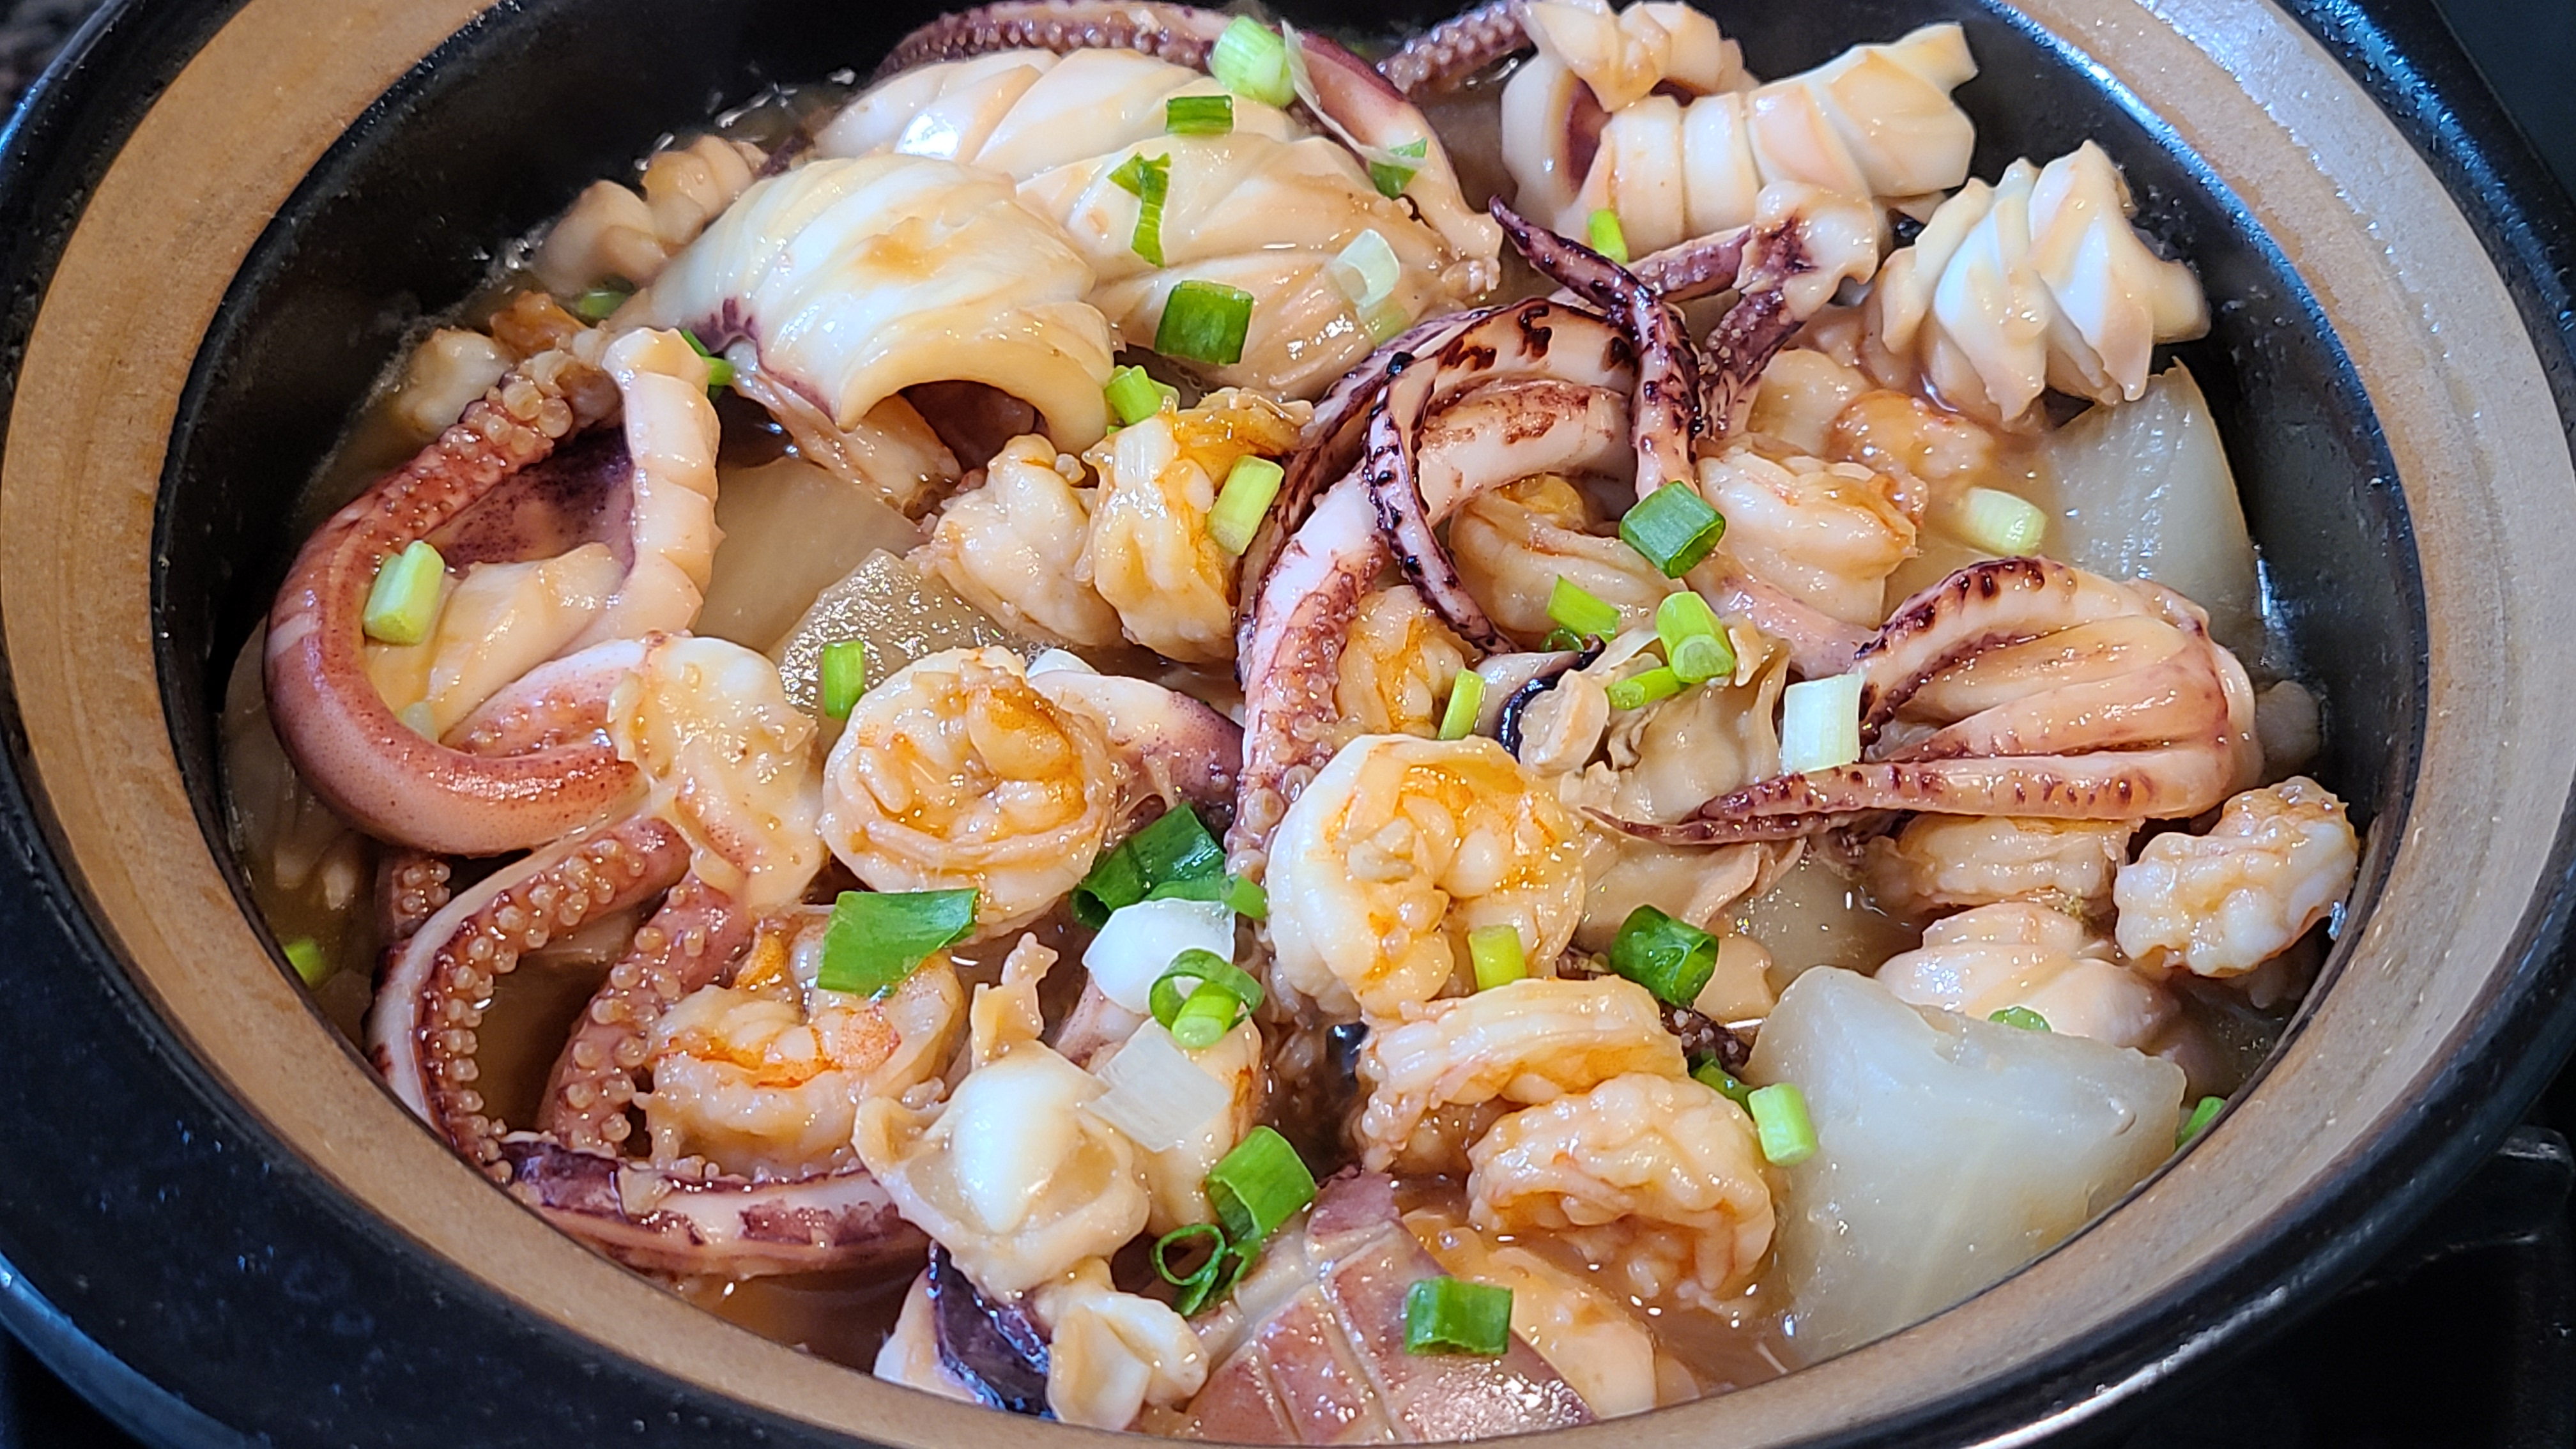 蘿蔔燉海鮮,又鮮又好吃,做法很簡單,天冷吃這個正好